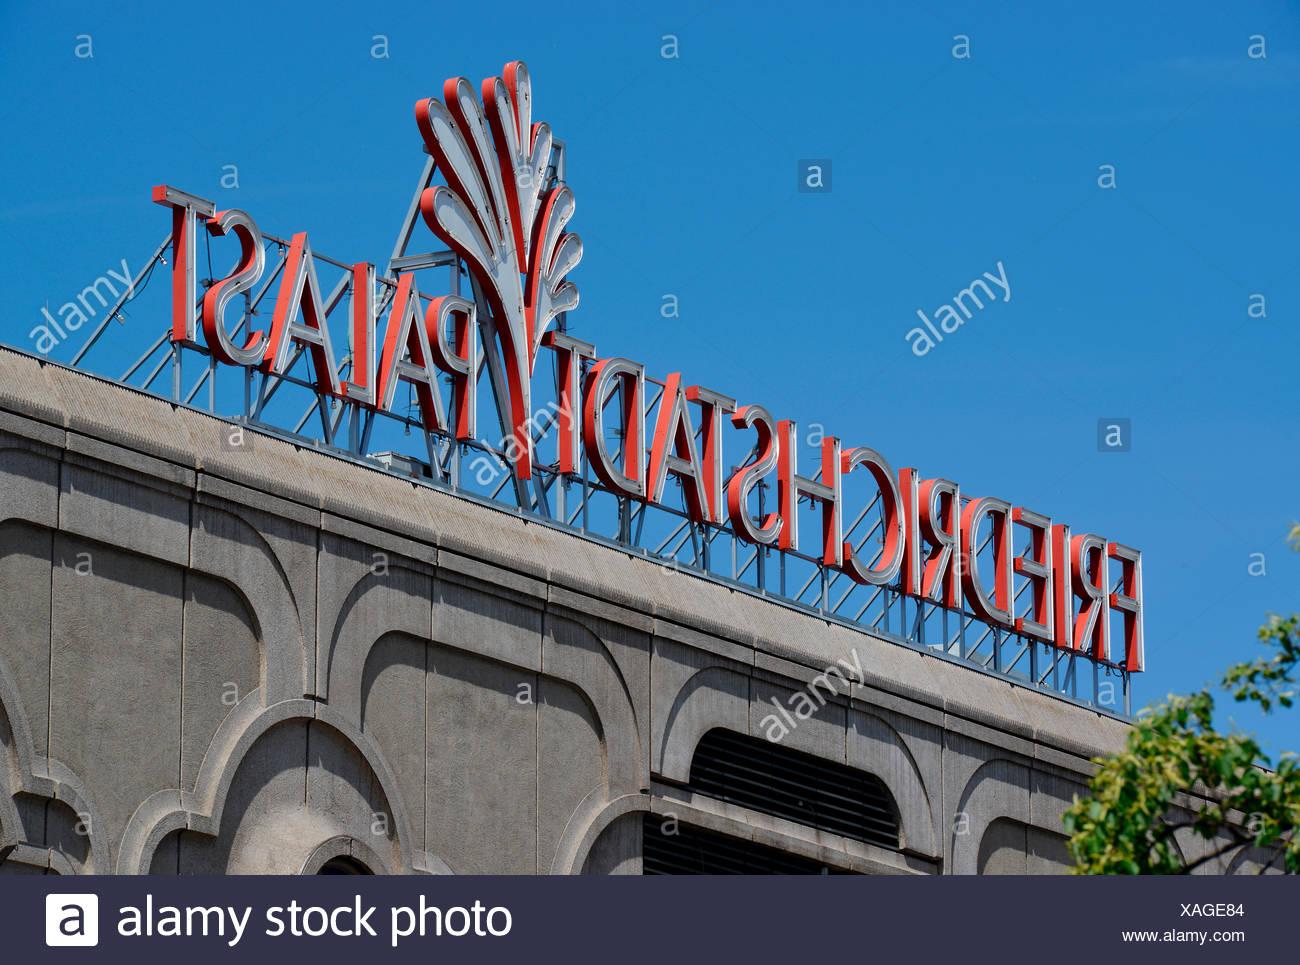 Friedrichstadtpalast, Friedrichstraße, Mitte, Berlin, Deutschland Stockbild